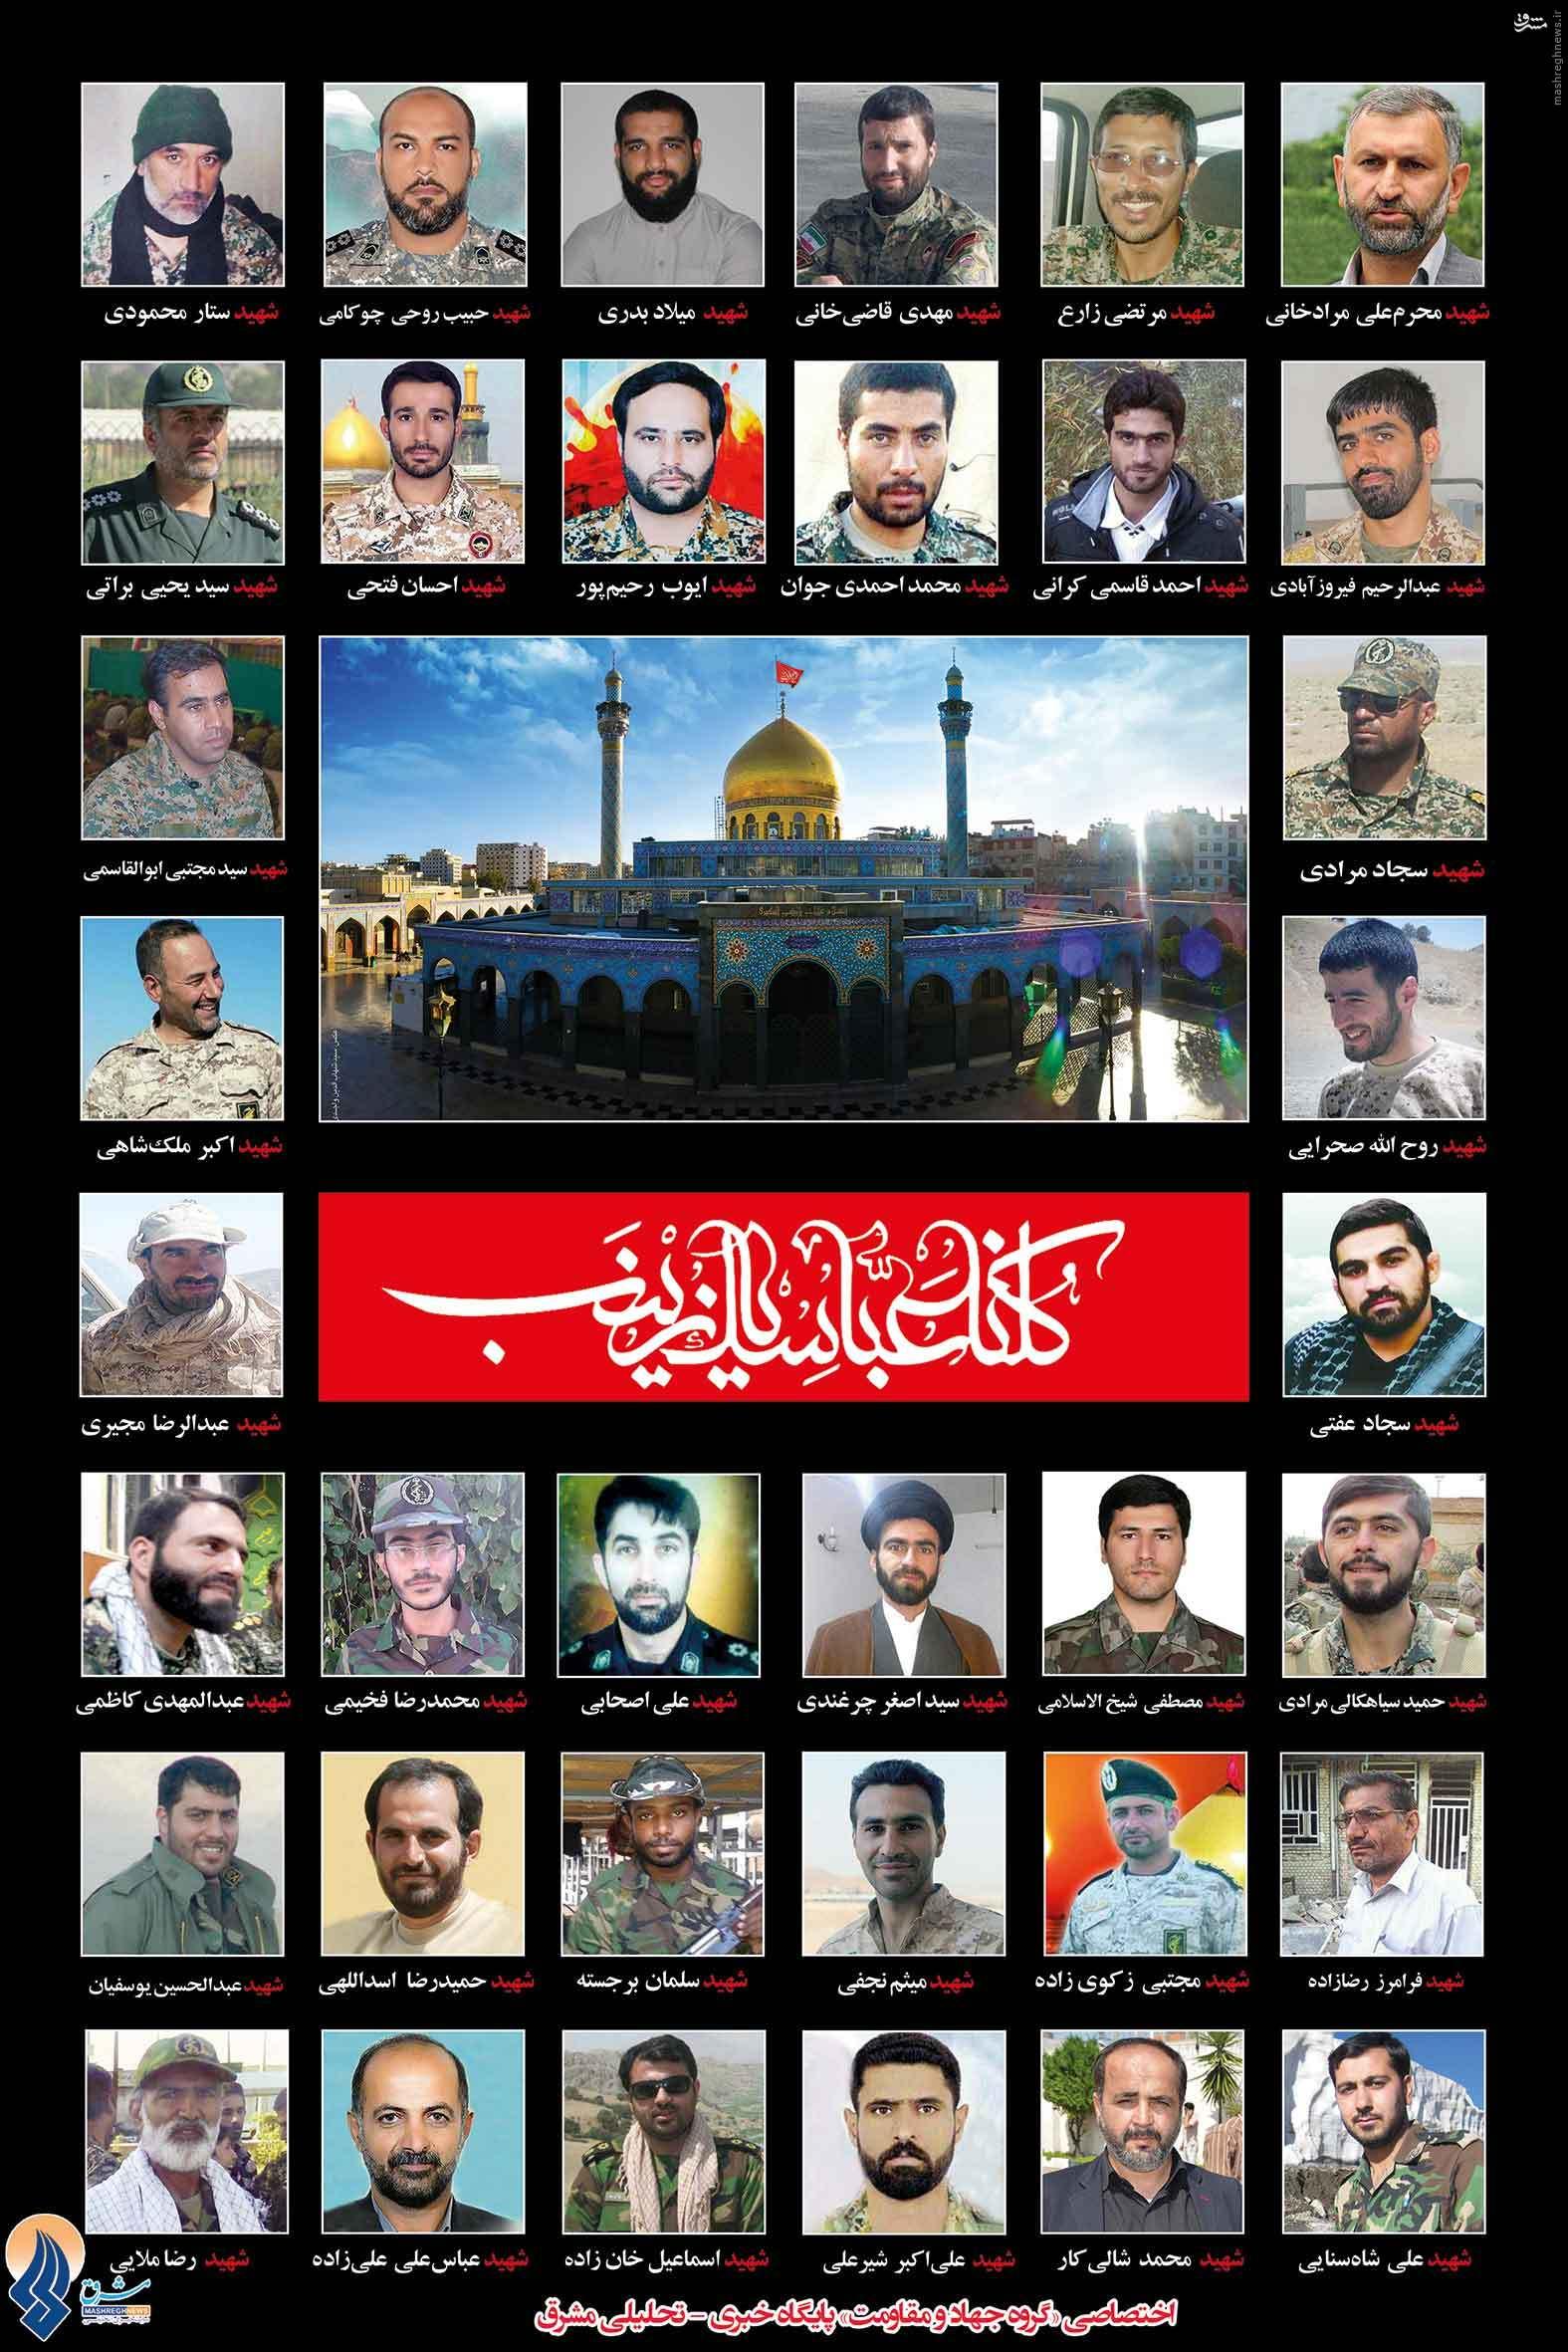 آخرین شهدای «مدافع حرم» در پوسترِ اختصاصی مشرق +دانلود